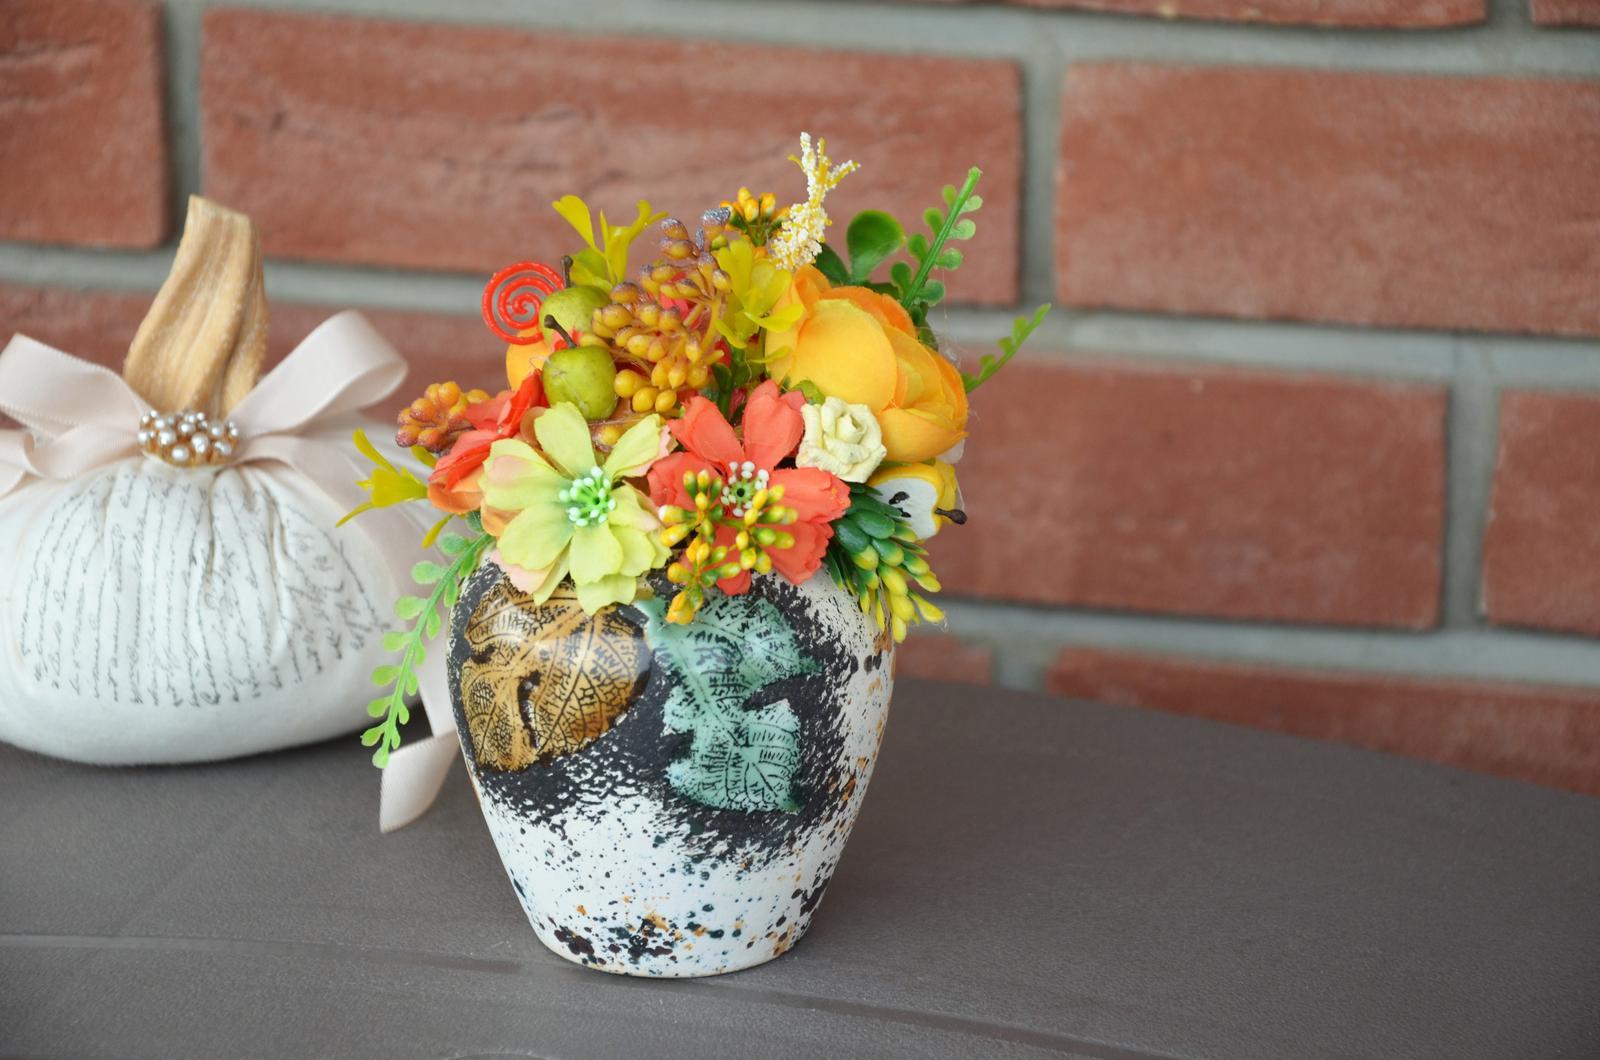 jesenná dekoracia - Obrázok č. 2